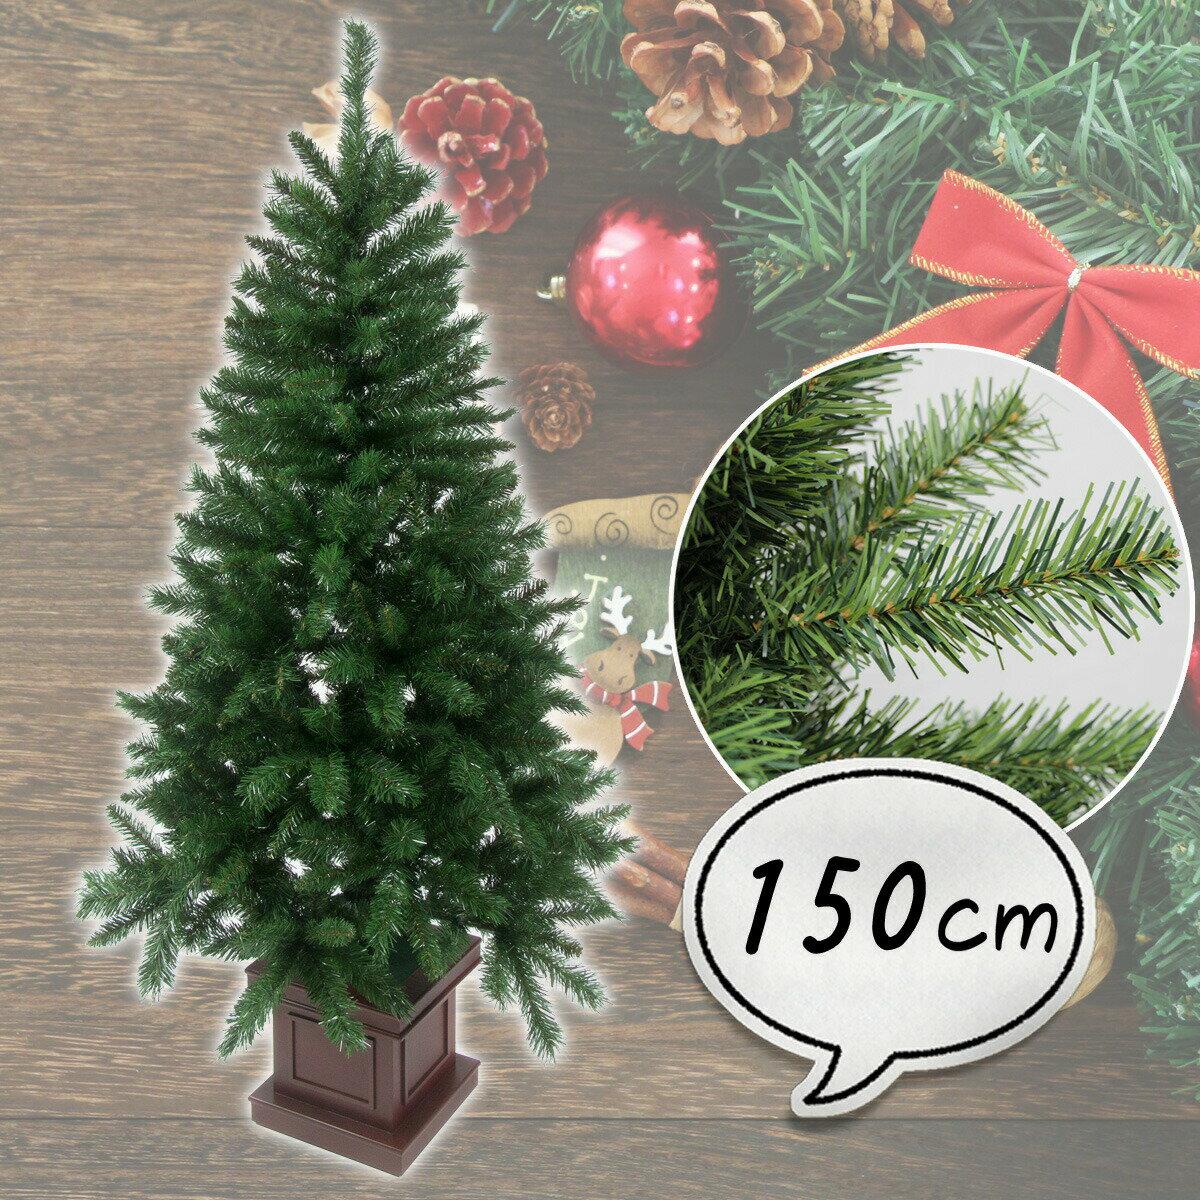 クリスマスツリー 150cm 木製ポットツリー 新 コンパクト設計 グリーン ツリーの木 [ ヌードツリー ]【xjbc】【RCP】